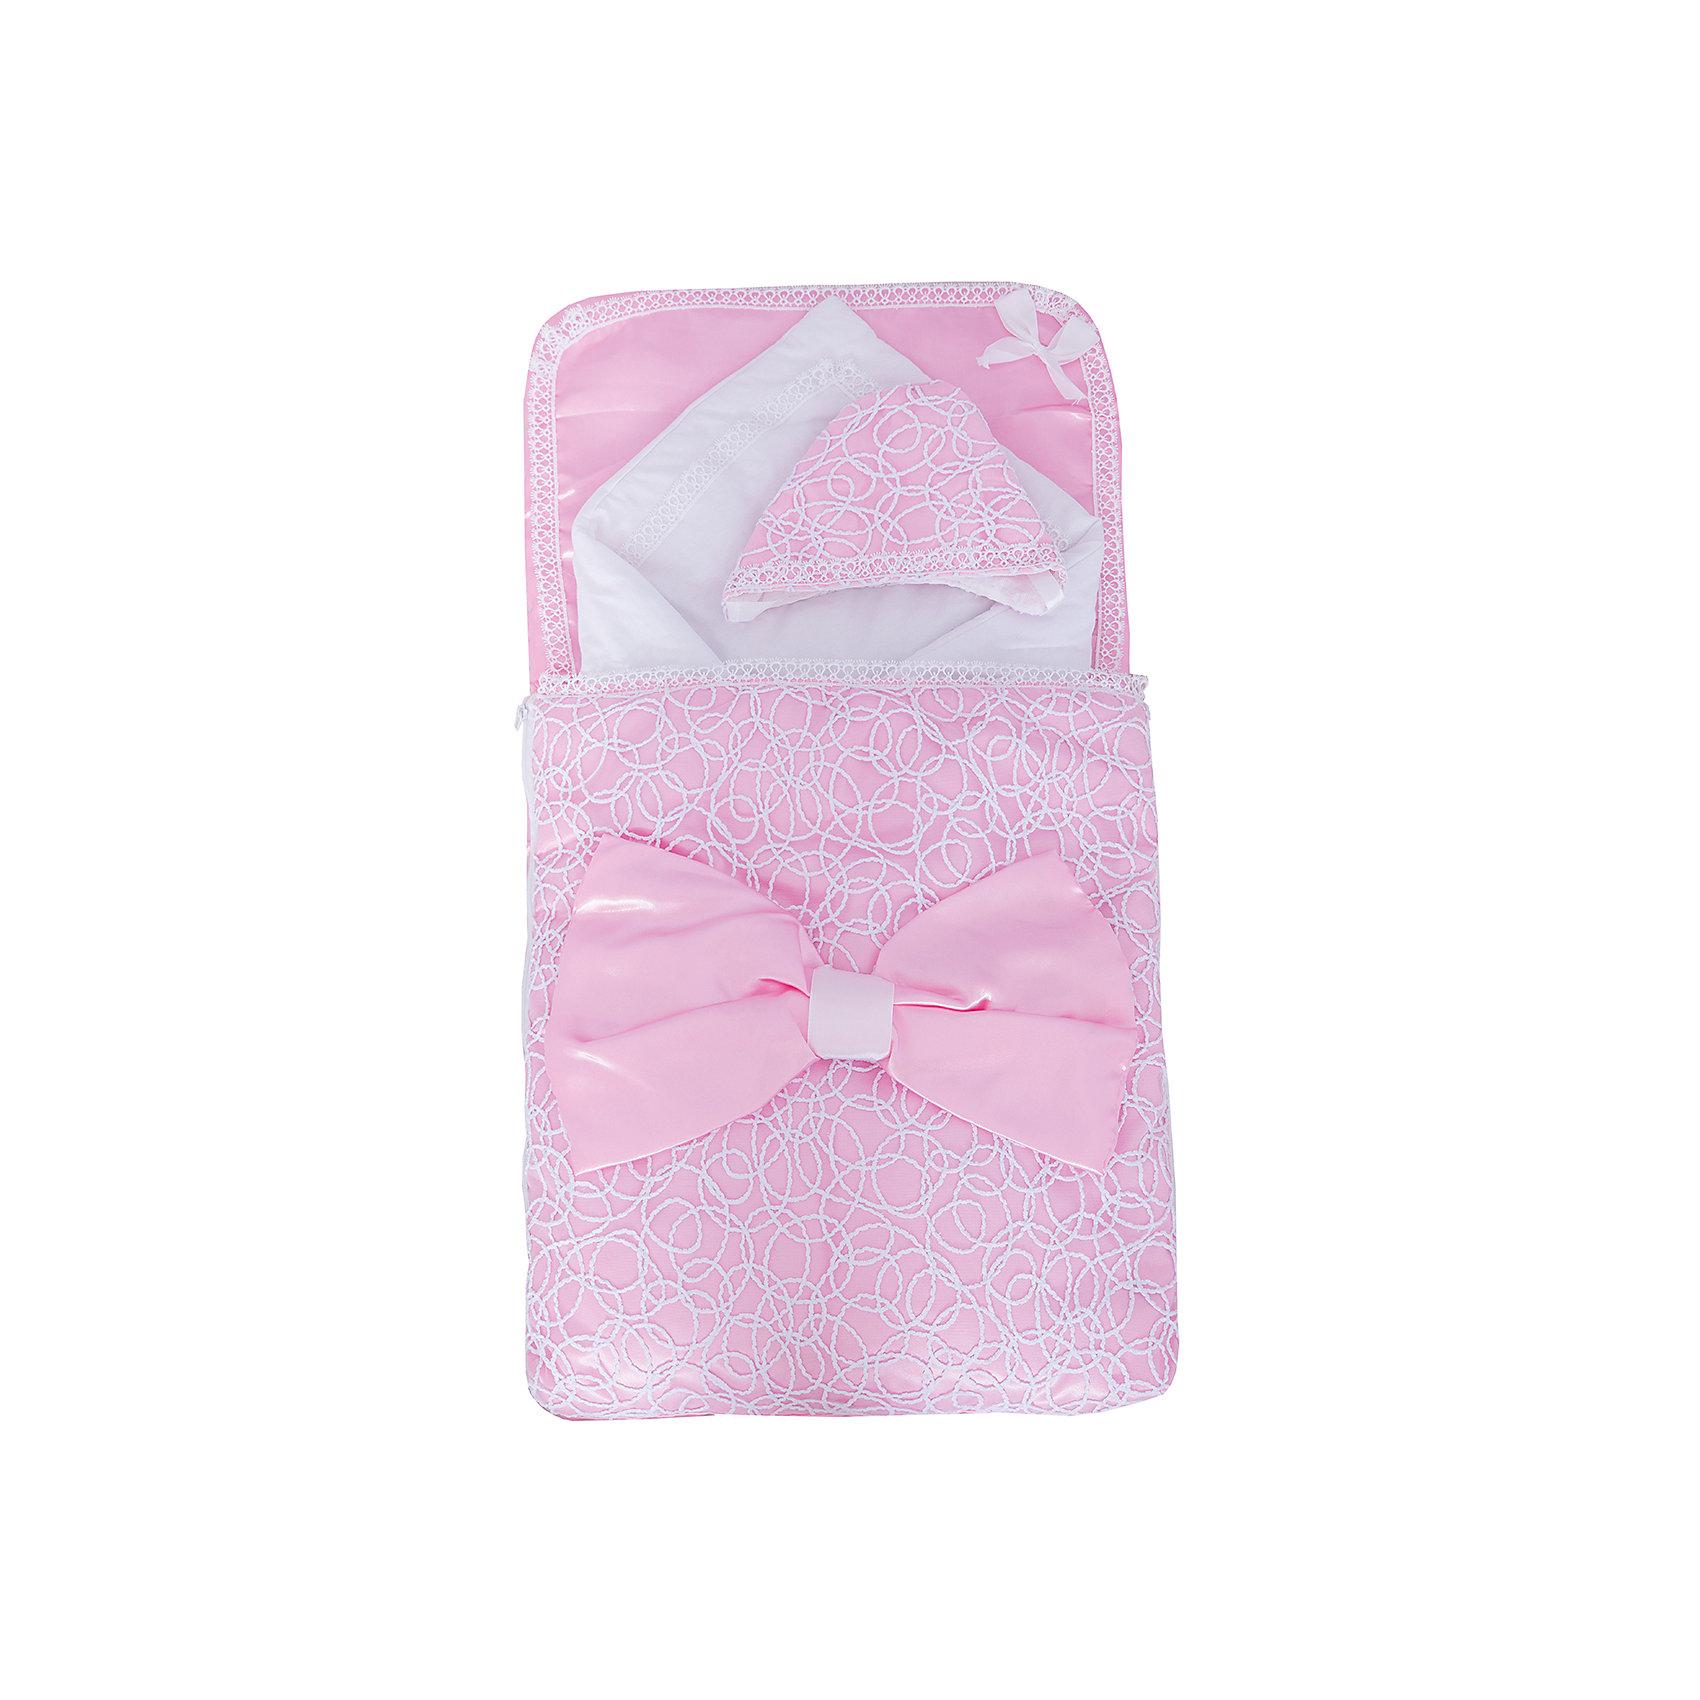 Арго Комплект на выписку 3 пред. АЖУР, Арго, розовый арго комплект на выписку арго 8 пред лето синтепон пл 100 розовый